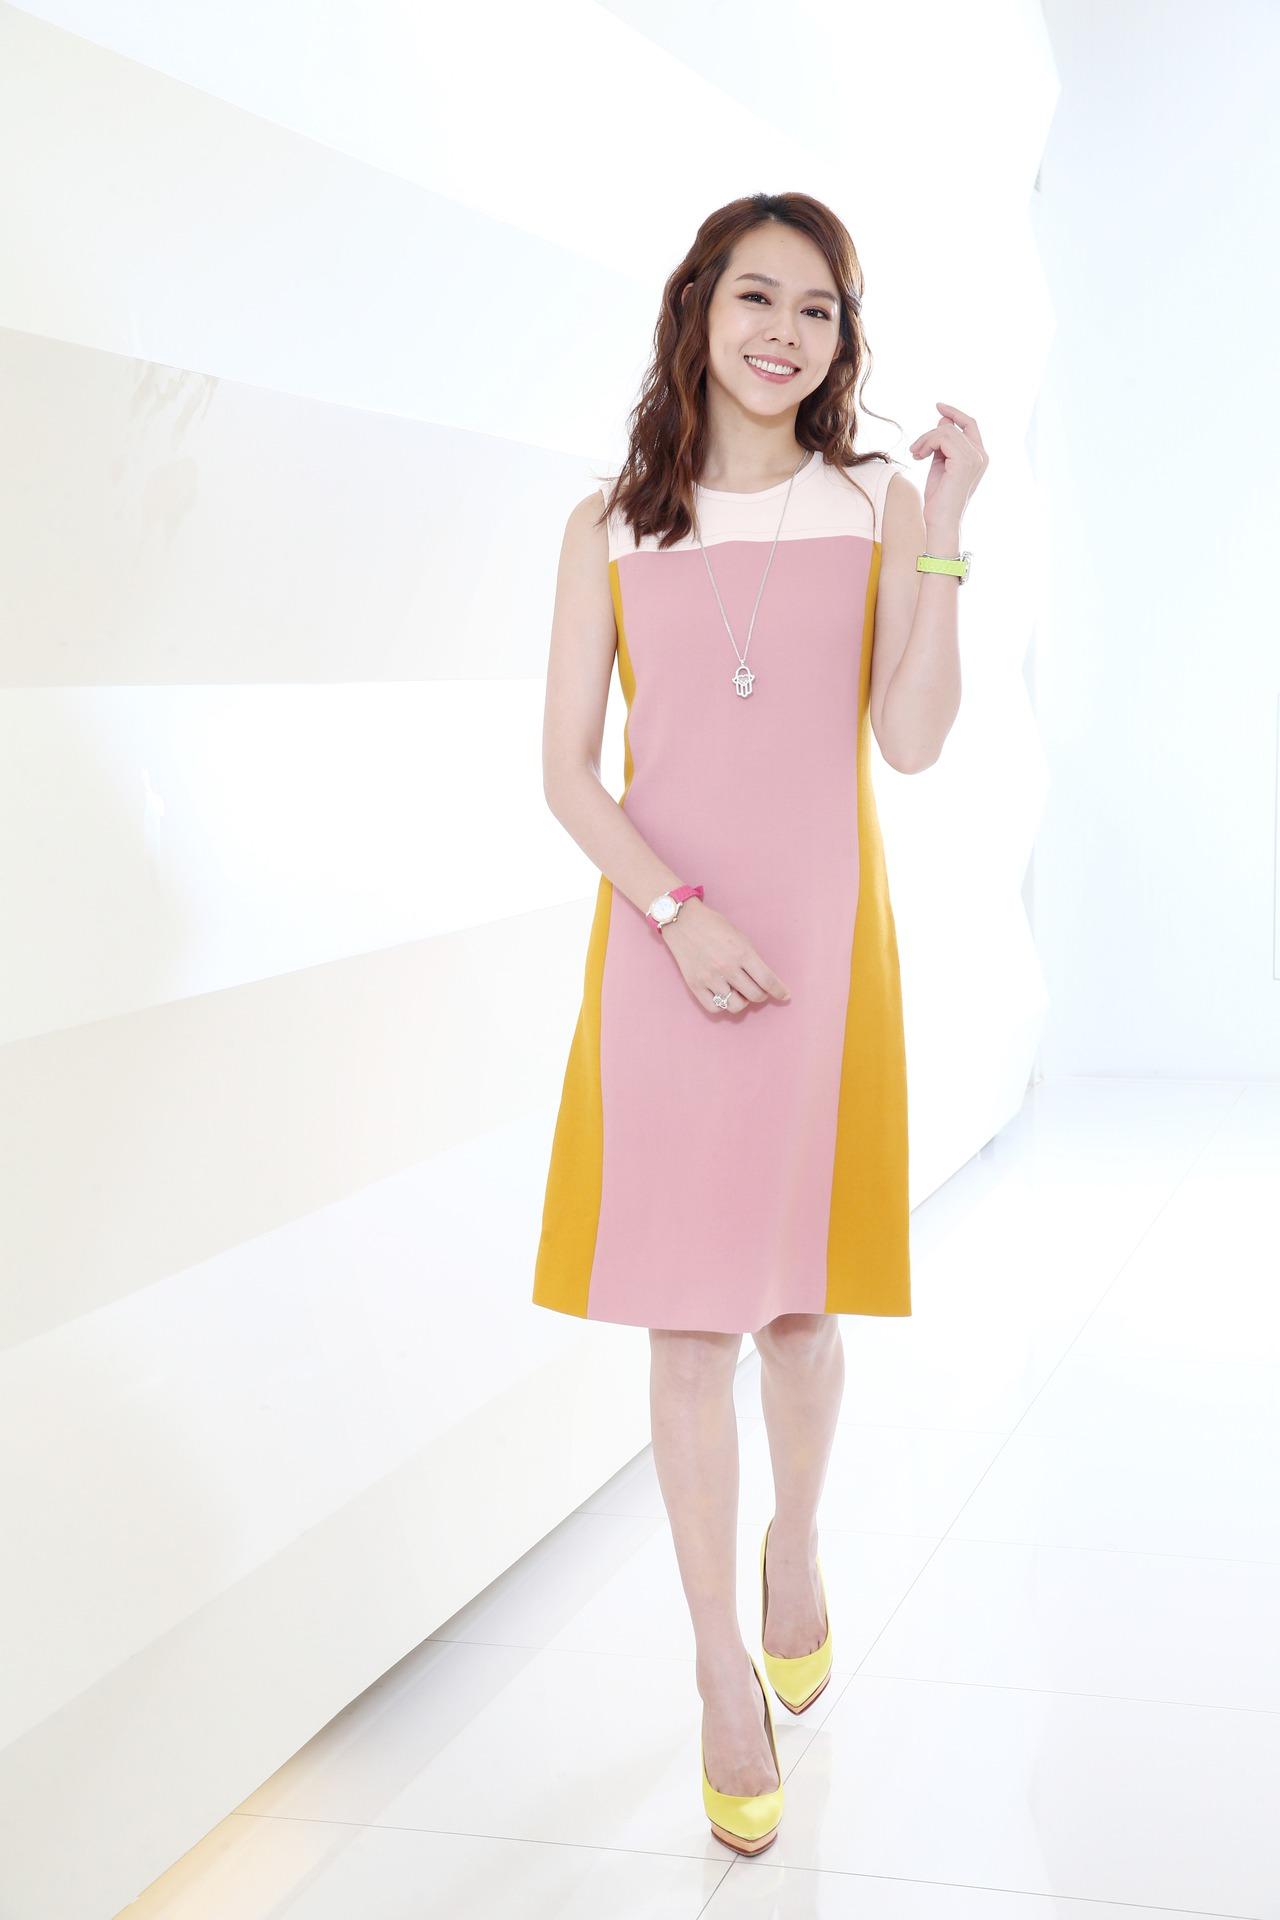 夏于喬穿Bottega Veneta彩色拼接洋裝,配戴蕭邦Happy Sport彩色腕表、Happy Diamonds系列「Good Luck Charm」傳遞幸運永恆之溫暖手護珠寶。